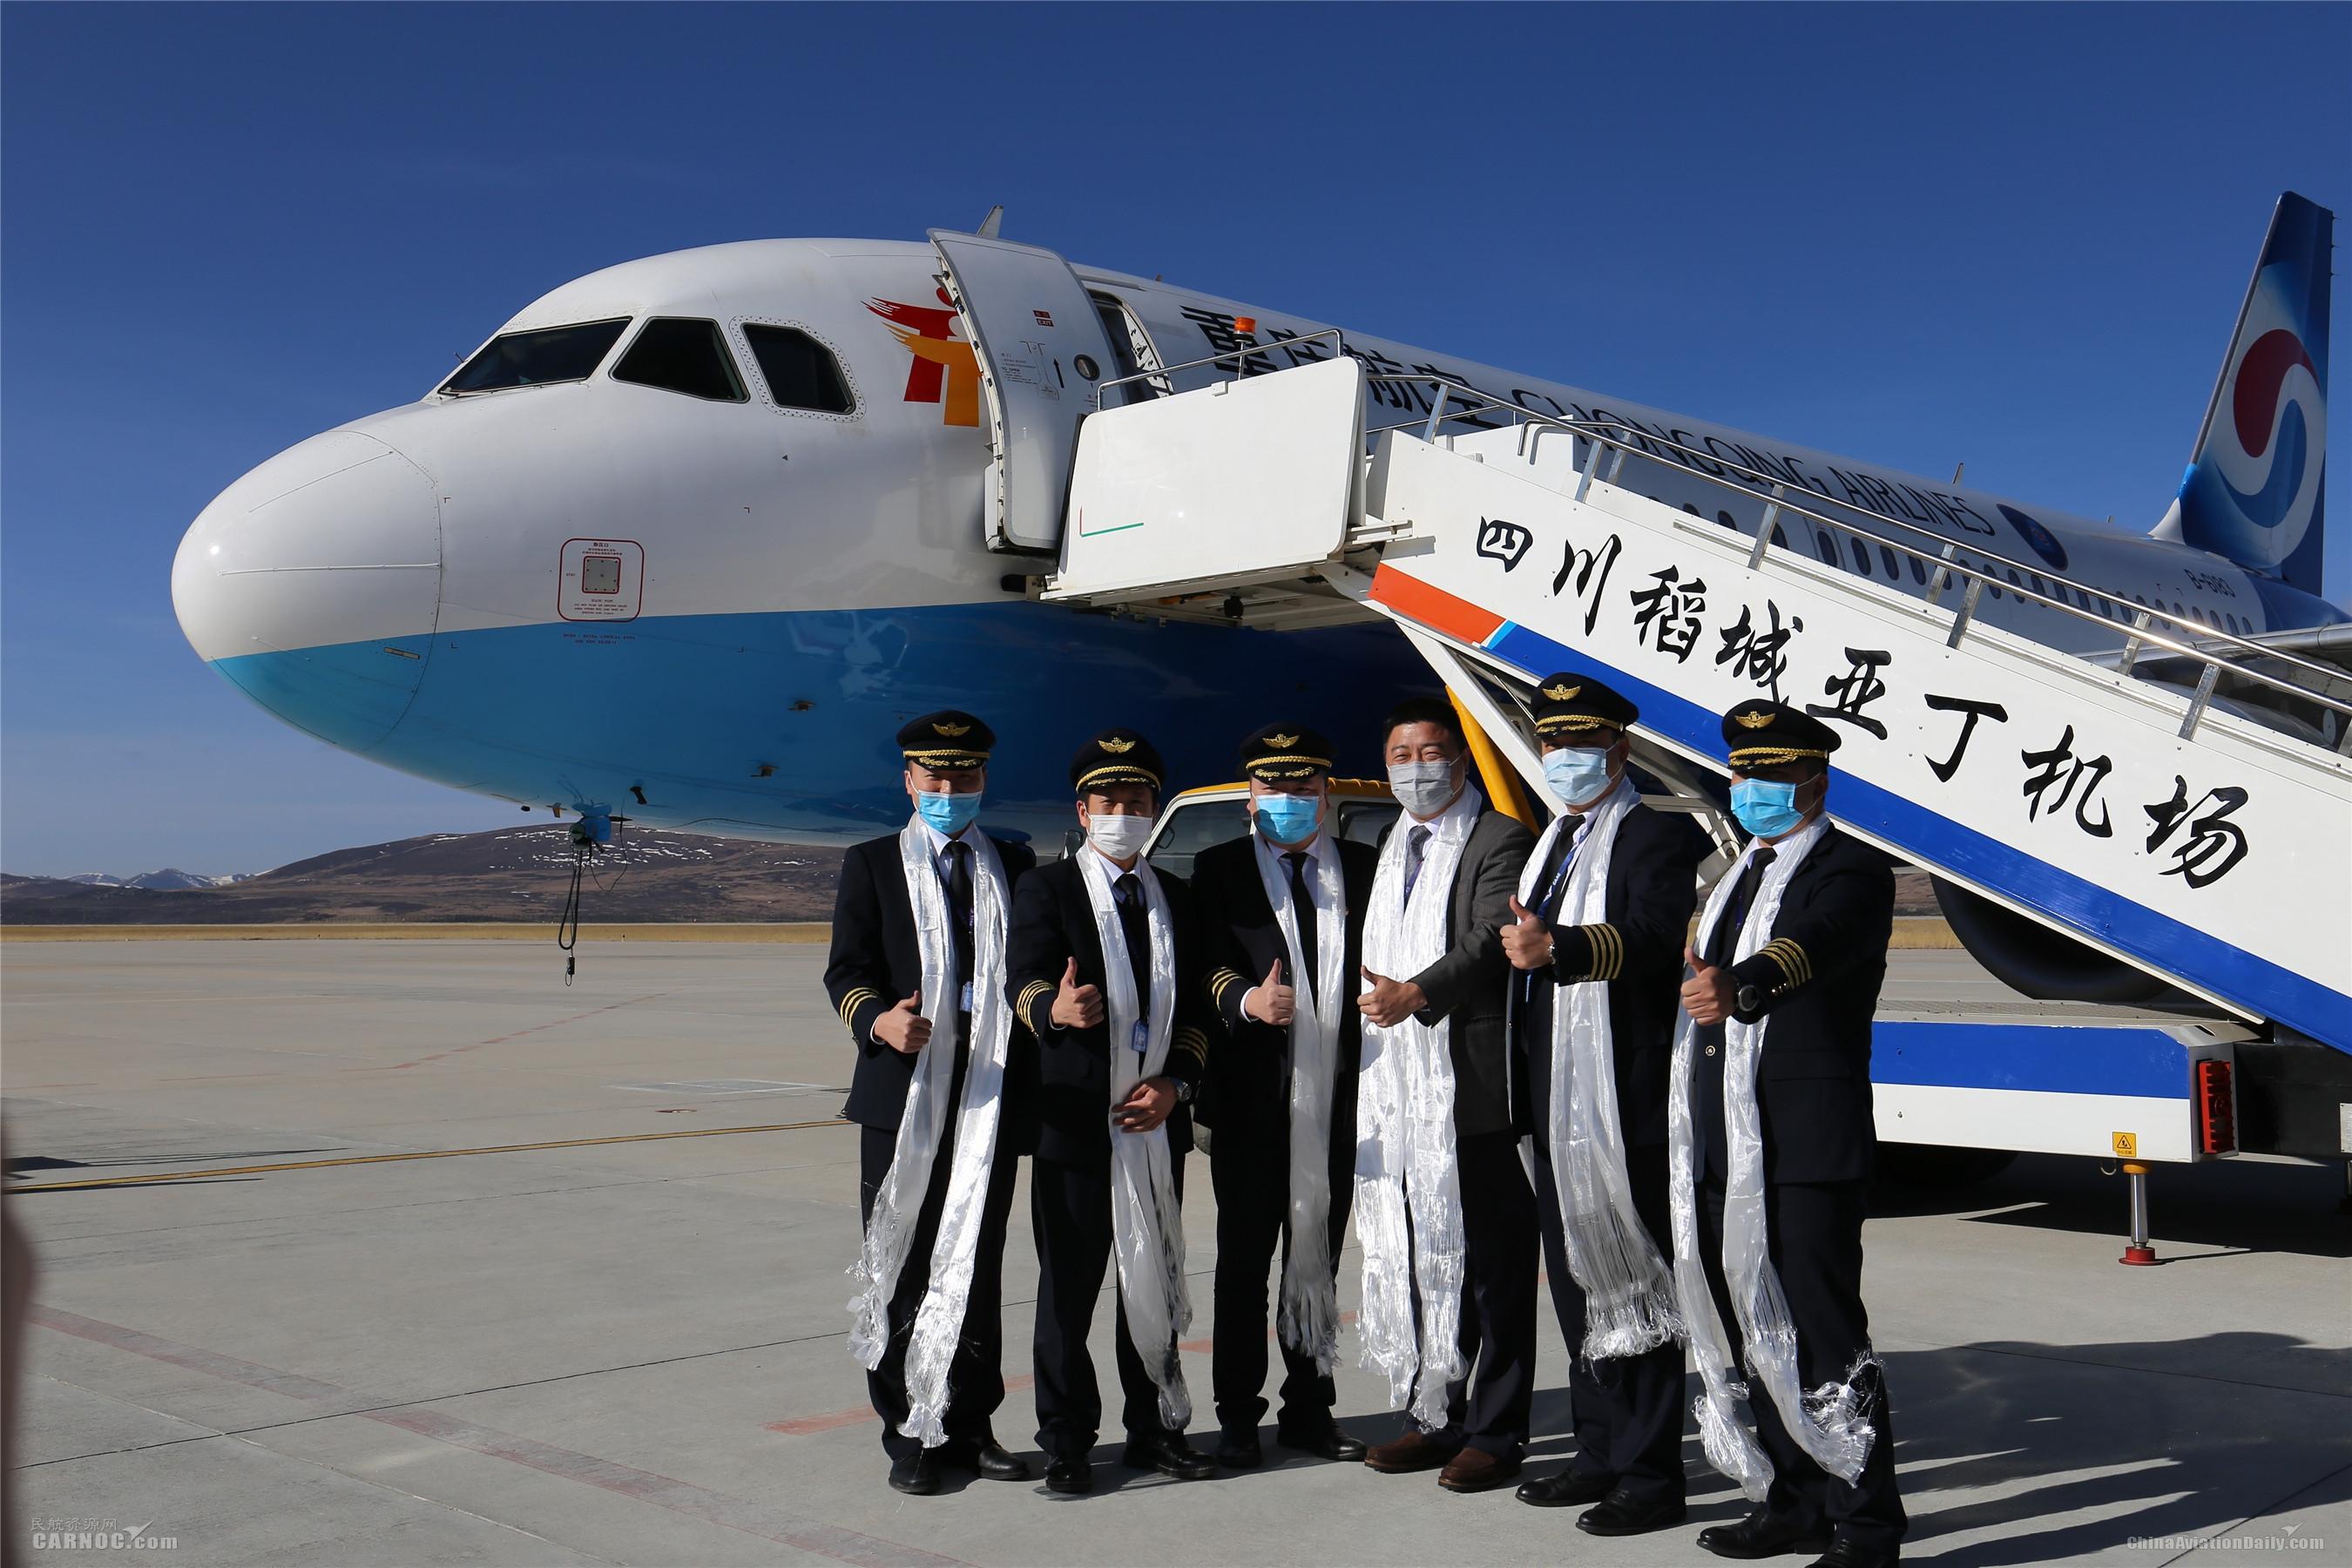 重庆航空完成稻城亚丁机场验证试飞 将开通珠海—重庆—稻城独飞航线